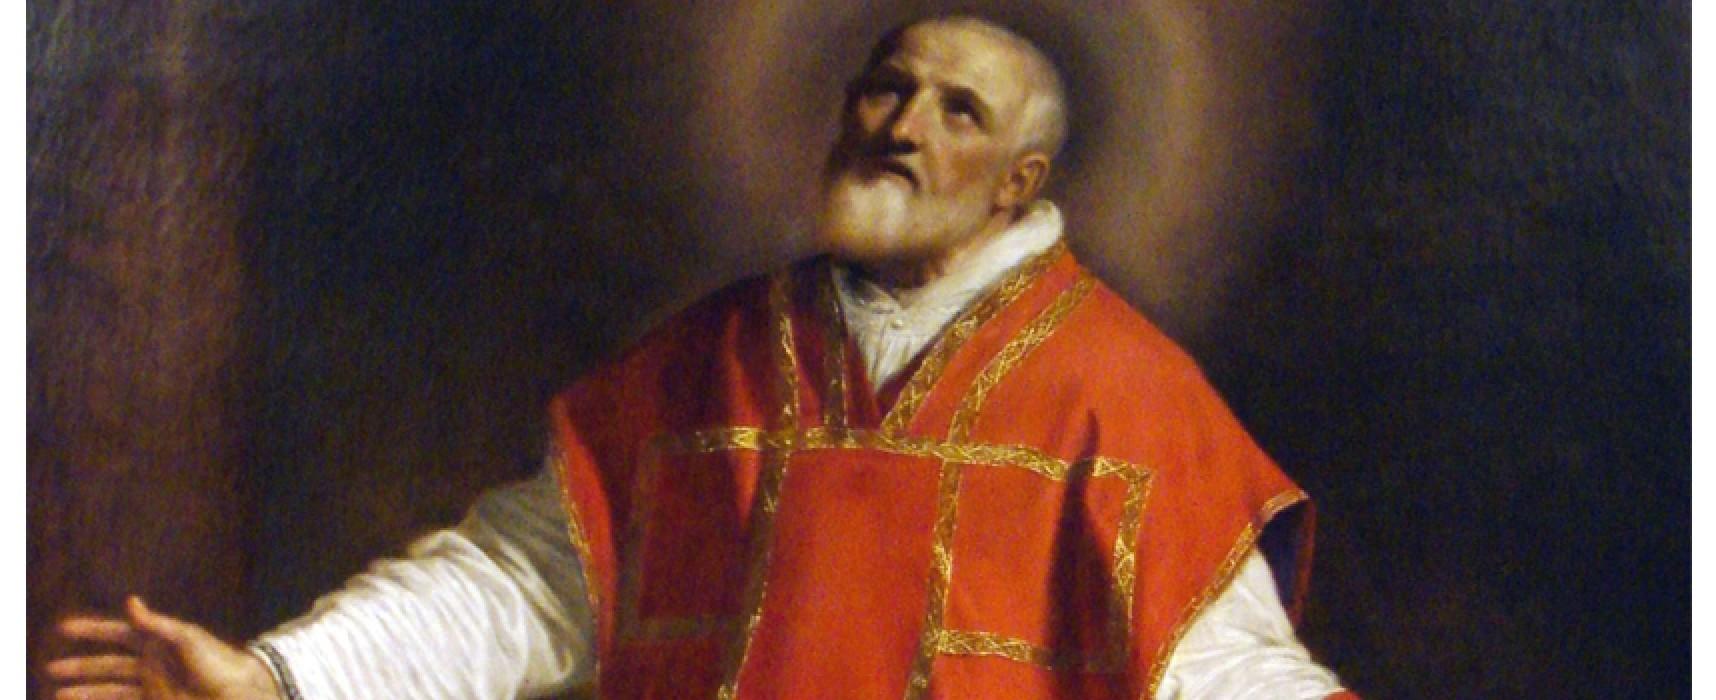 Doppio appuntamento nel fine settimana per la festa di San Filippo Neri